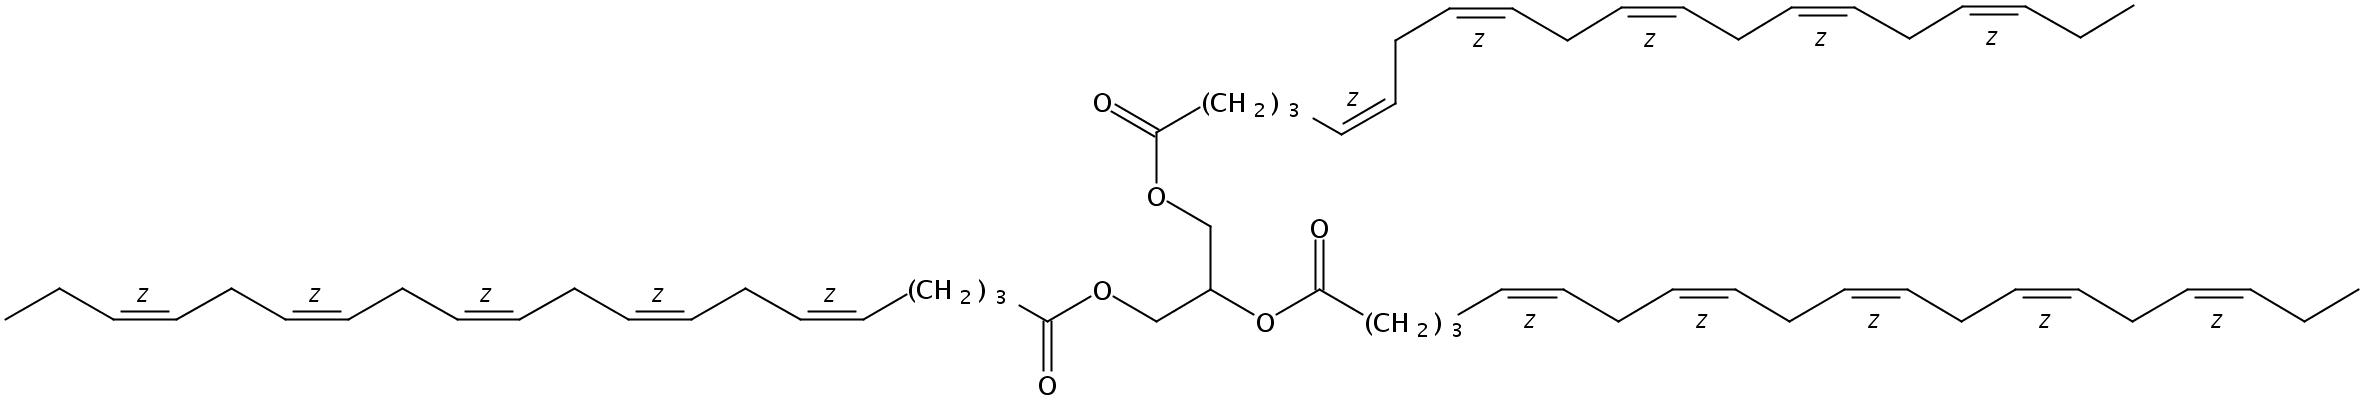 Trieicosapentaenoin (5,8,11,14,17-all cis)